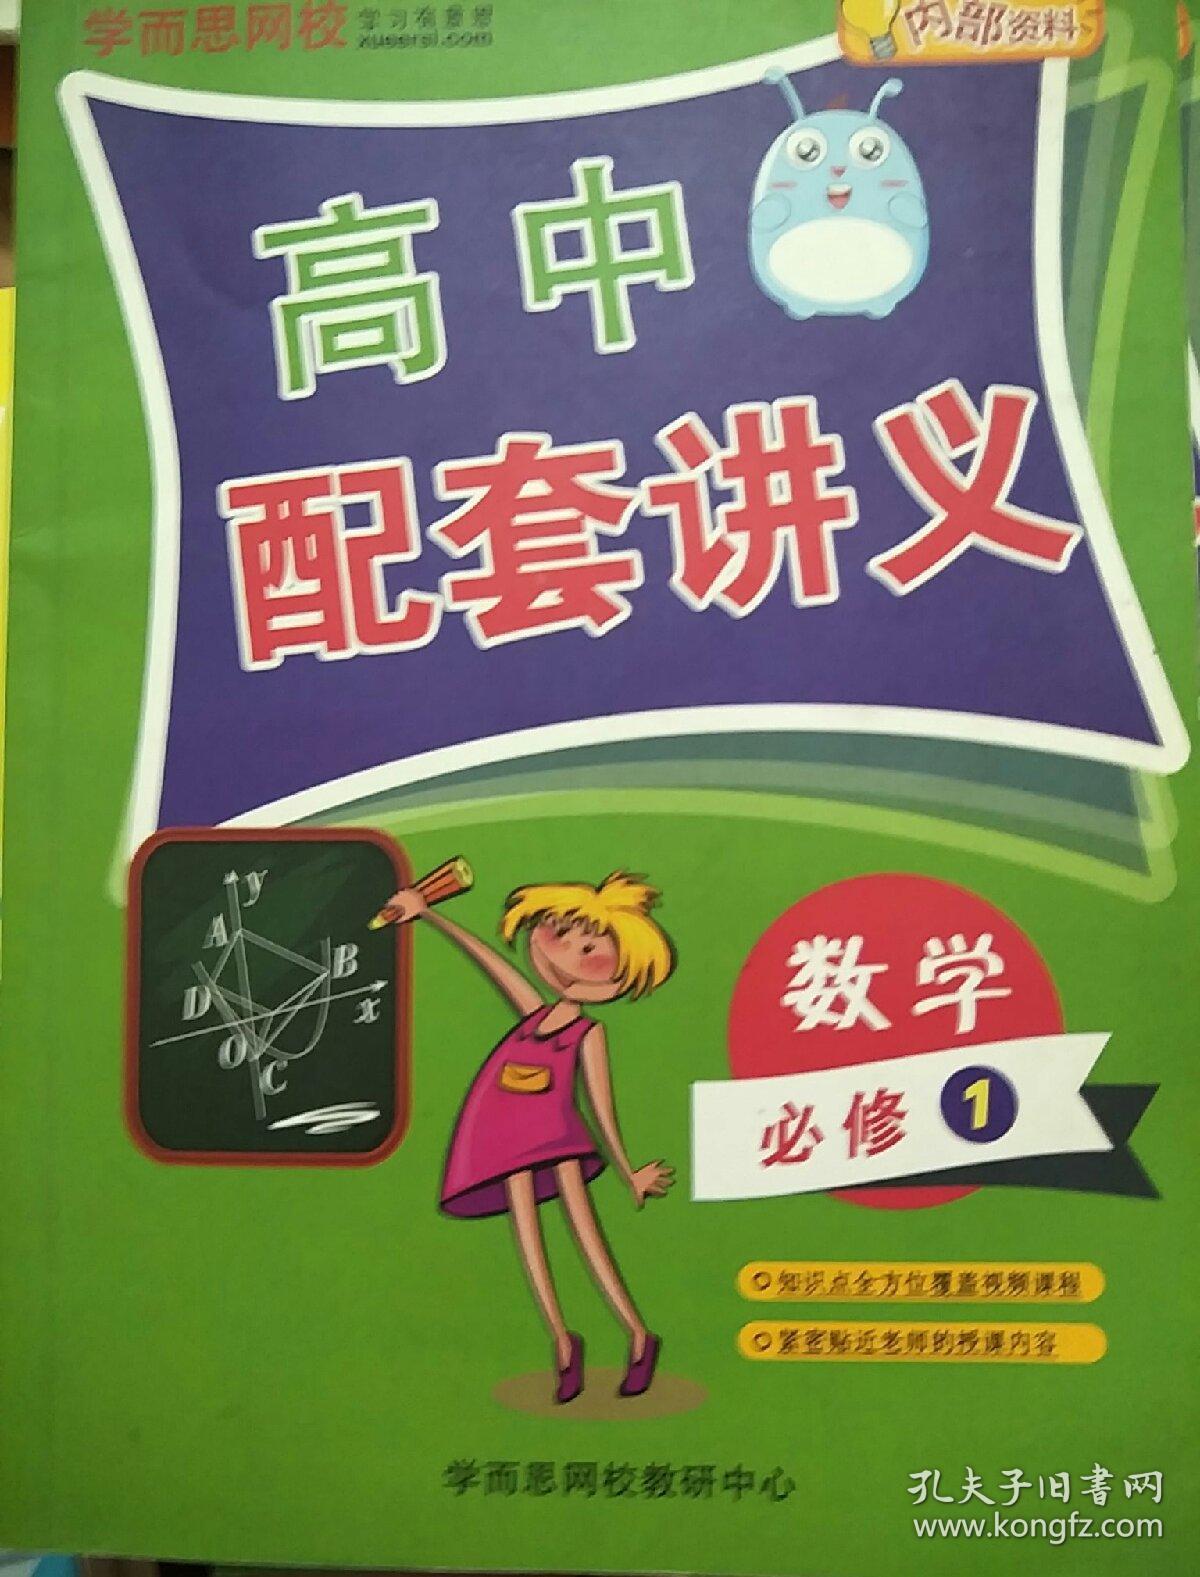 学而思网校数学高中配套贵族高中深圳市学校内讲义图片